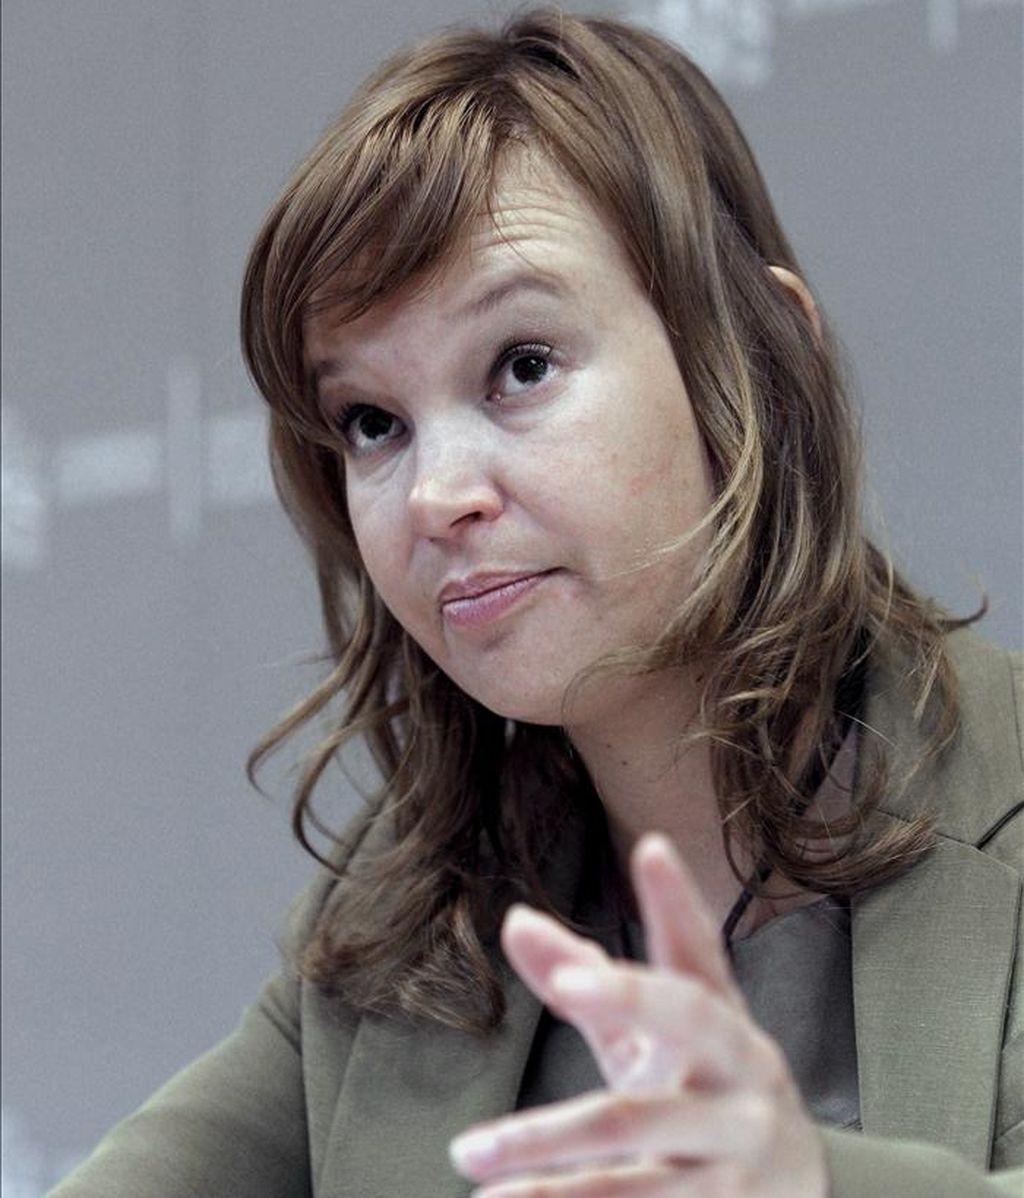 La ministra de Sanidad, Política Social e Igualdad, Leire Pajín, presentó hoy el Barómetro Sanitario 2010, un informe que, desde hace más de quince años, realiza este departamento para conocer la opinión de los españoles sobre el funcionamiento del Sistema Nacional de Salud. EFE